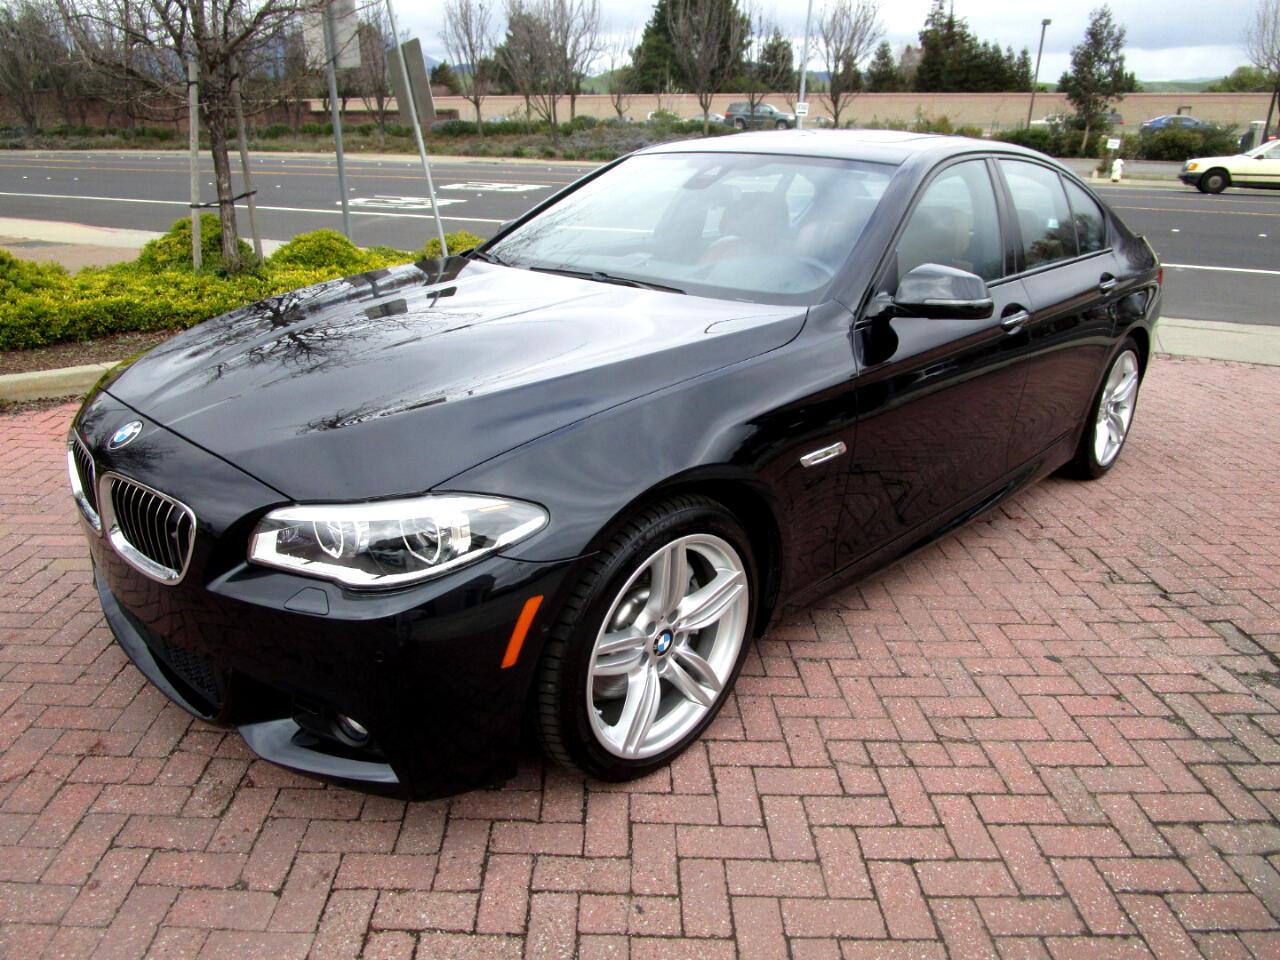 2016 BMW 535d M SPORT-PREMIUM*EXEC*DRIVER ASSIST PLUS*HEAT/AC SE